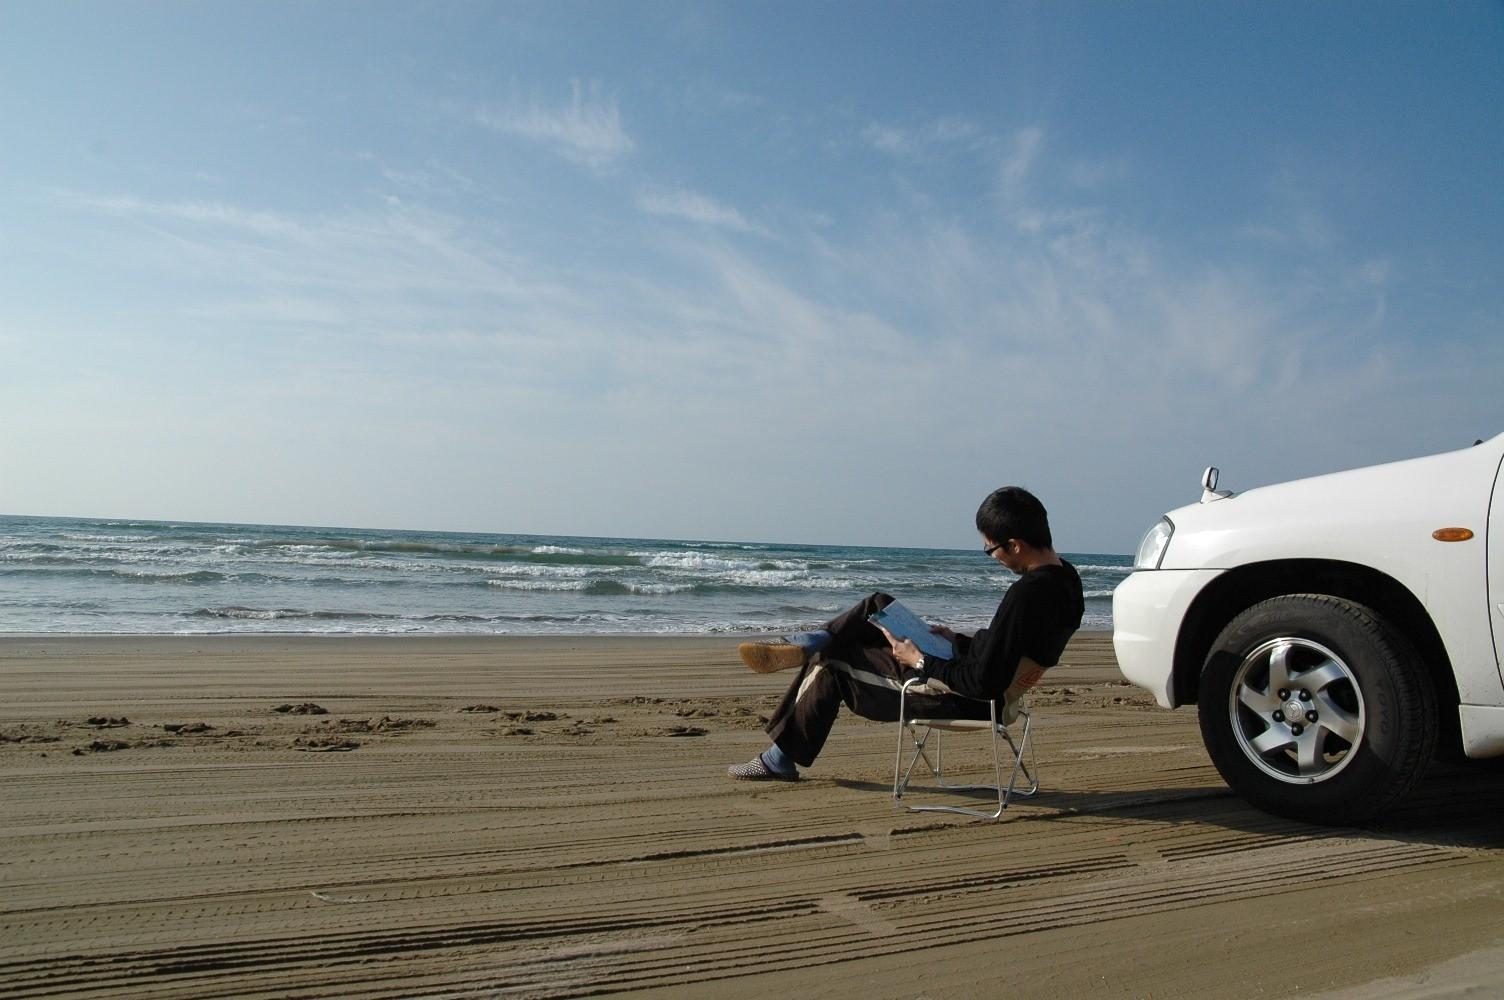 日本一周の途中で立ち寄った石川県の千里浜にて。当時はナビがなく、地図でルート確認しながら進んだそう(画像提供/ウッドさん)